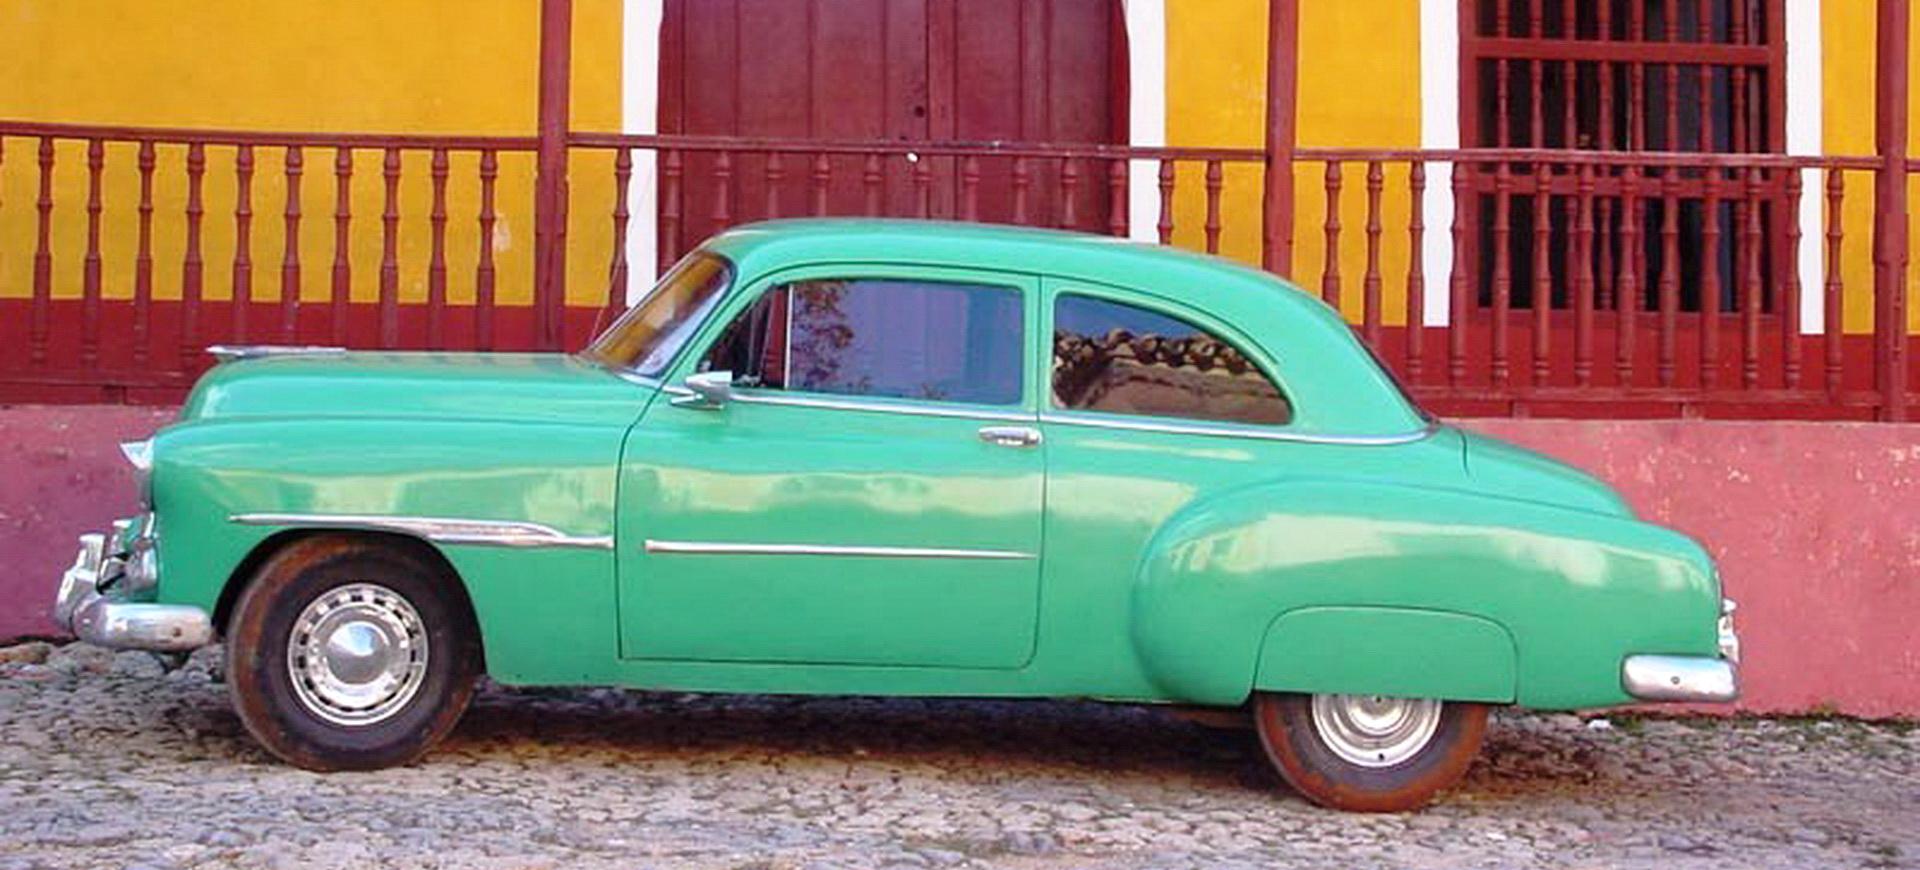 Conseils pratiques pour un voyage en groupe à Cuba